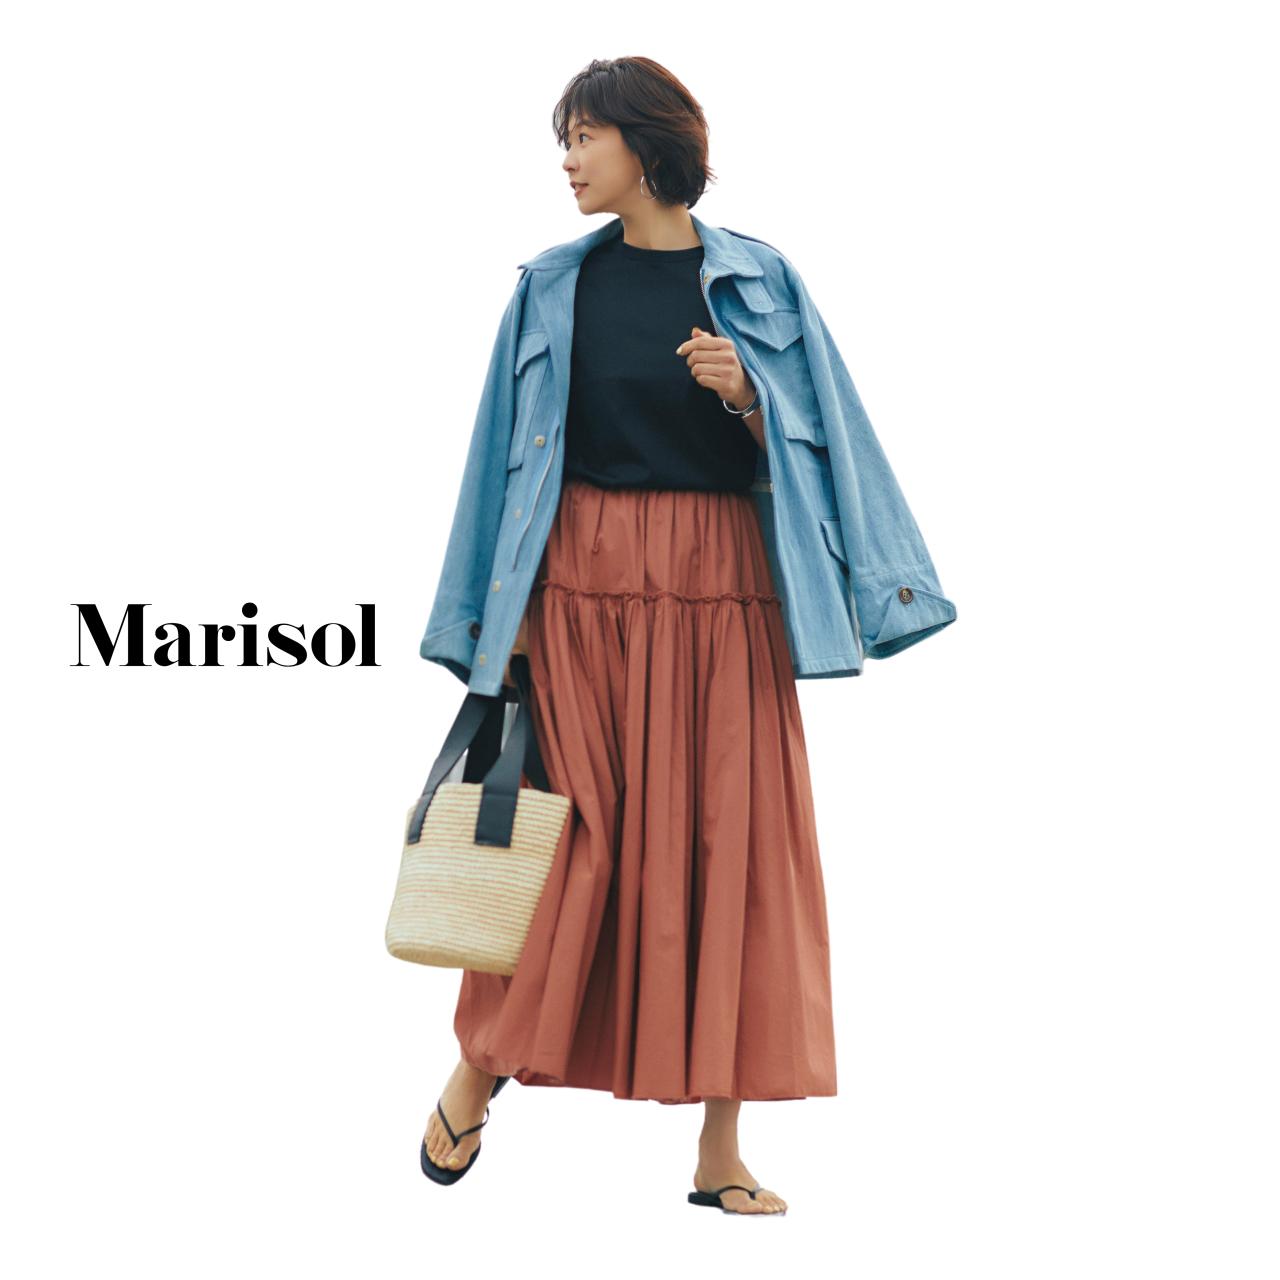 40代ファッション デニムジャケット×ロングスカートコーデ